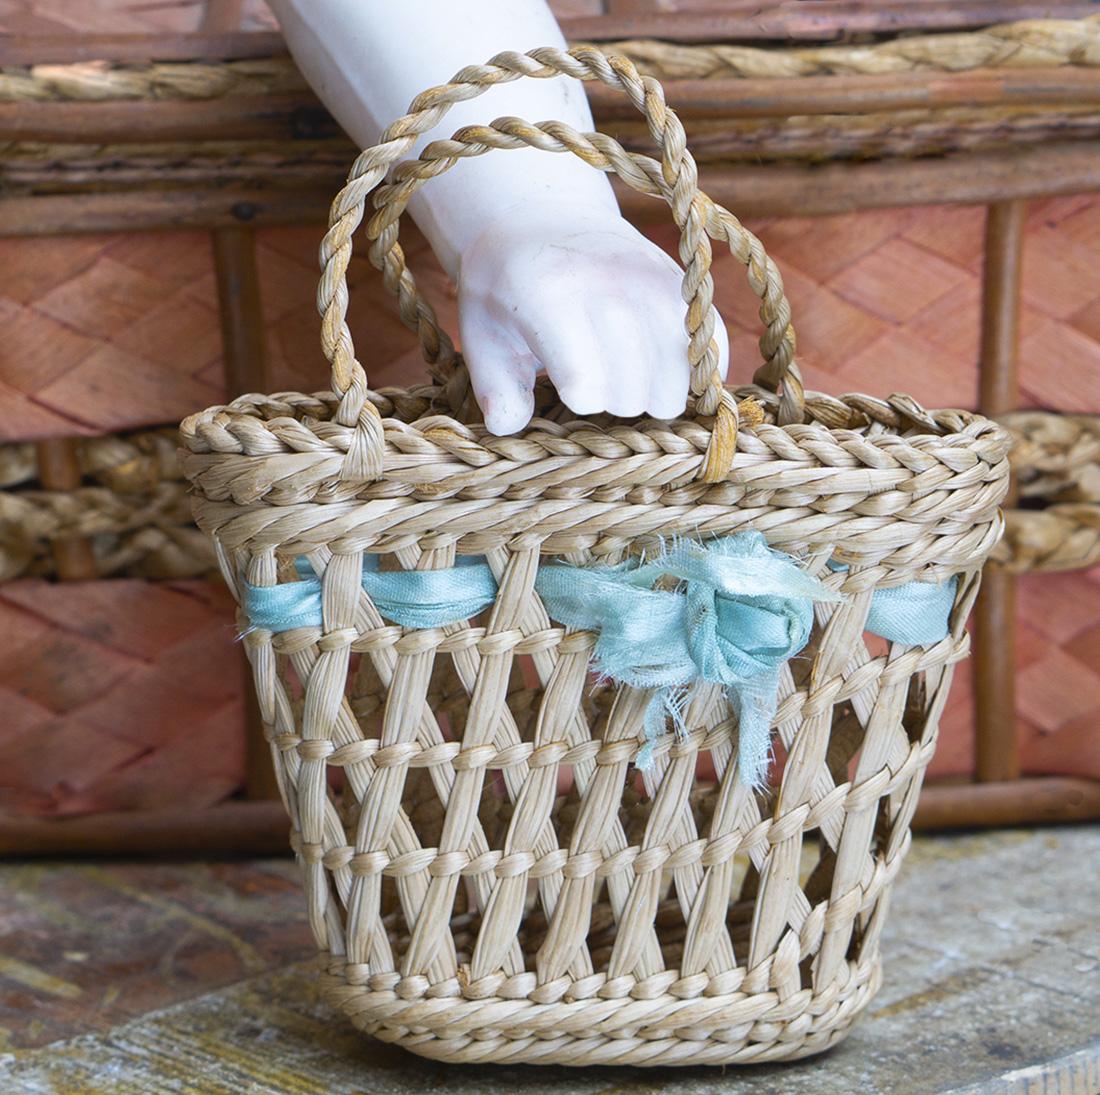 Antique straw bag